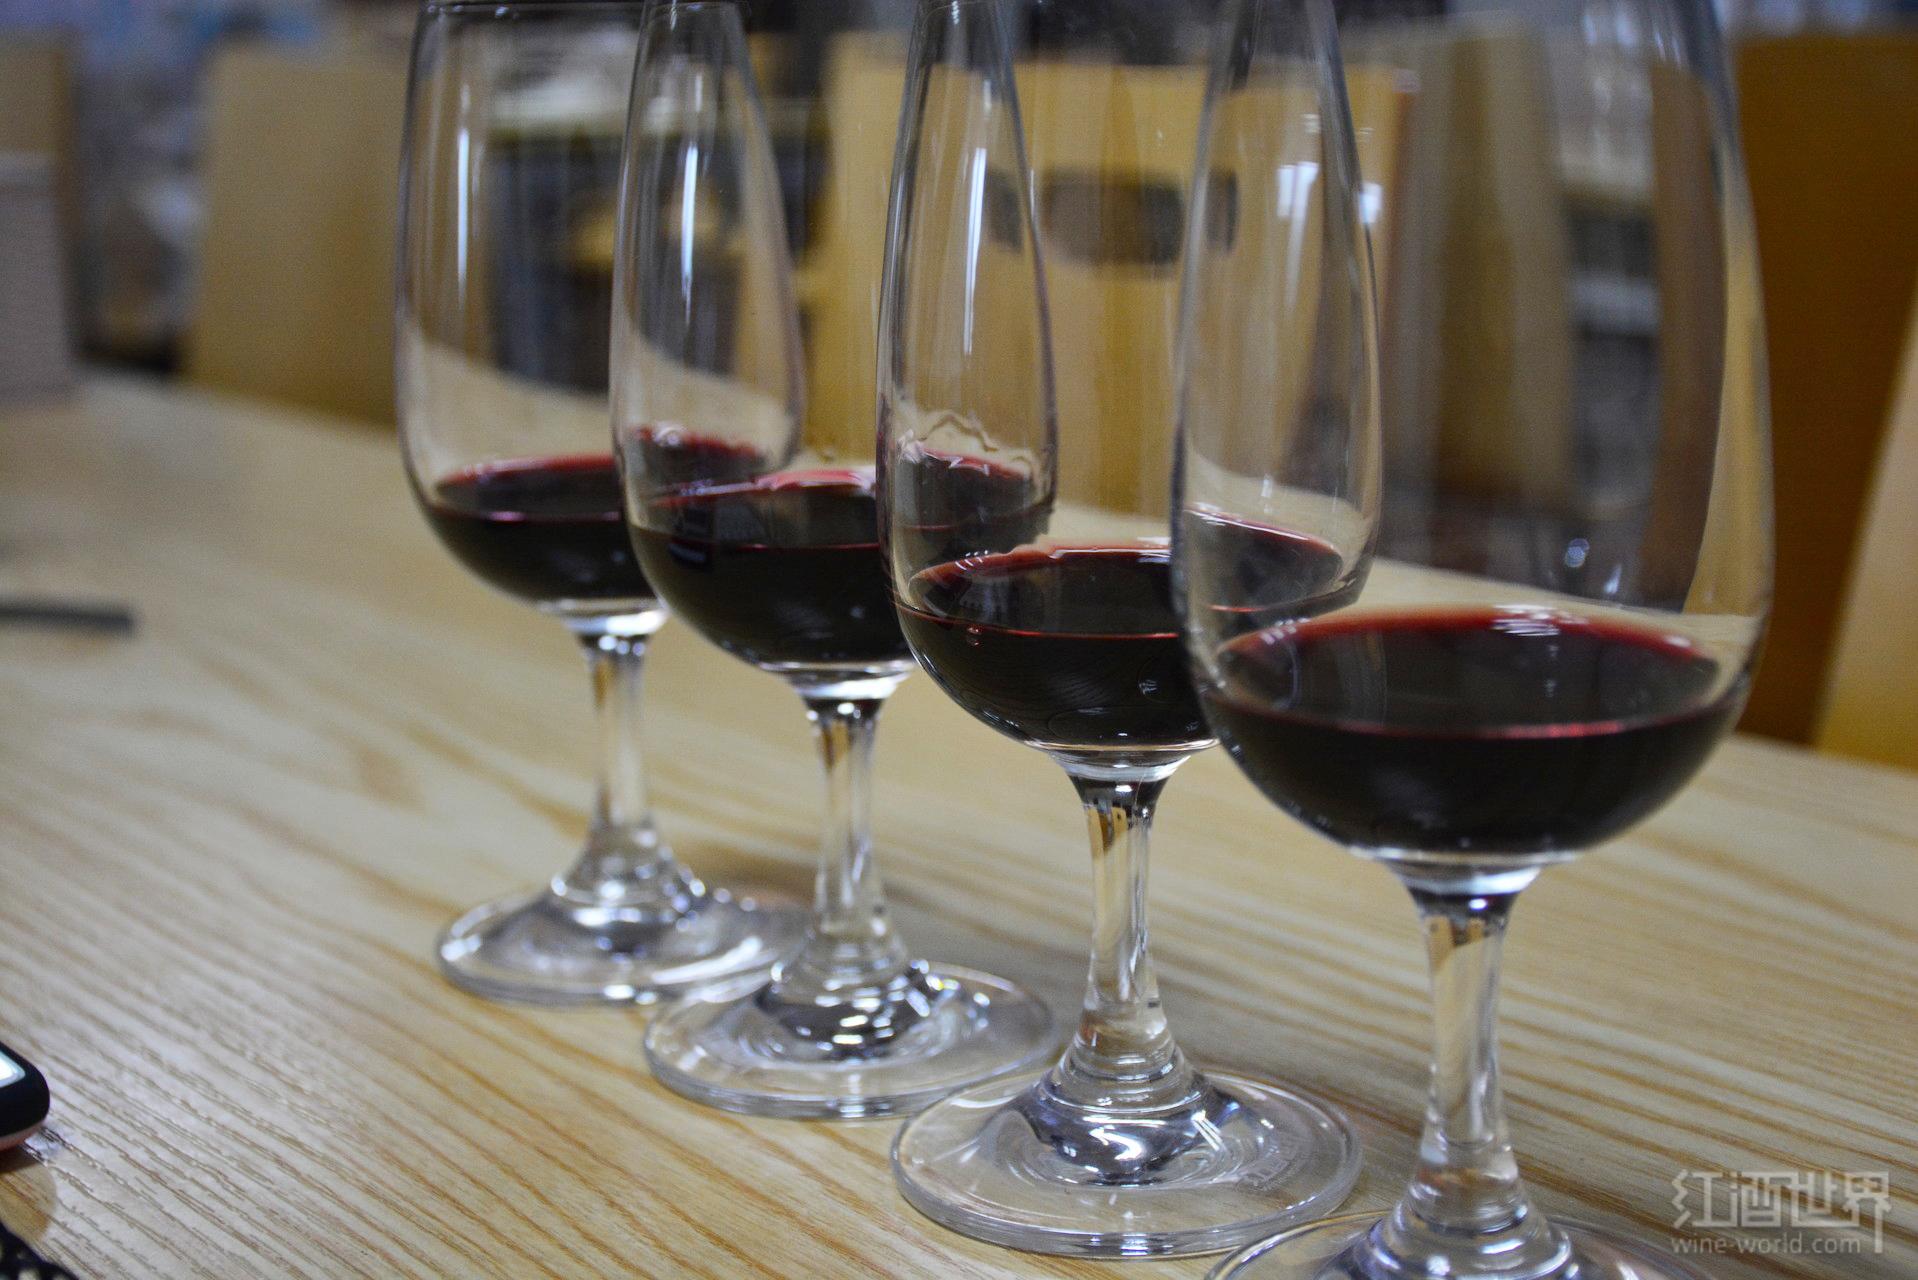 盘点适宜夏季饮用的轻酒体红葡萄酒